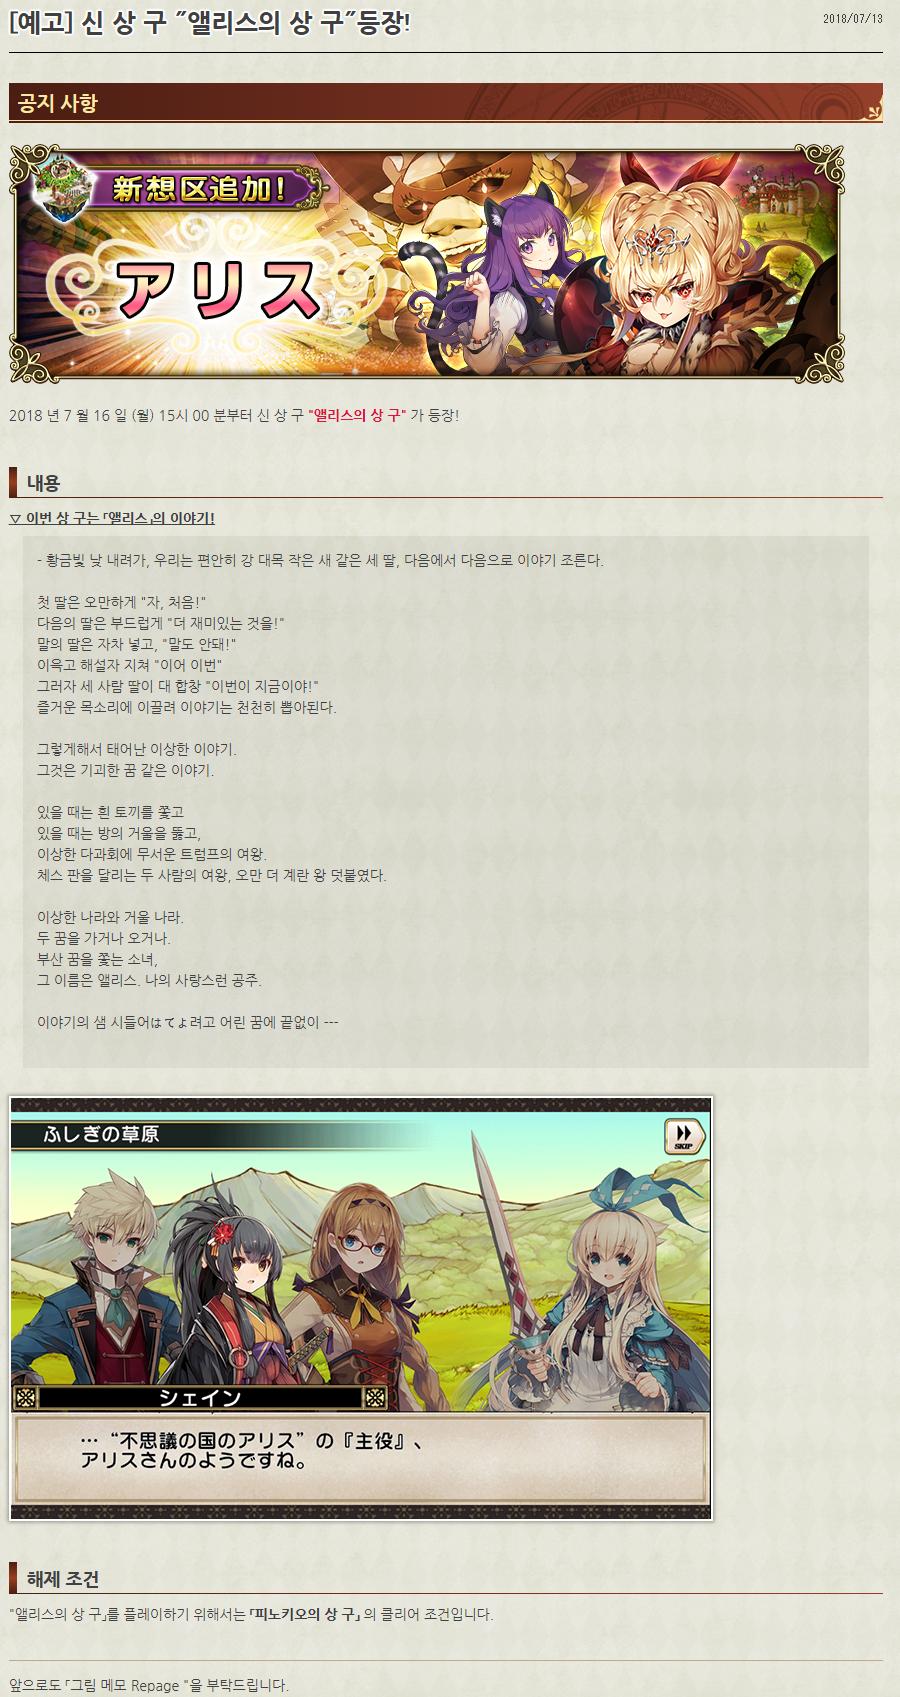 [그림노츠] 신 상구 「앨리스의 상구」 등장!